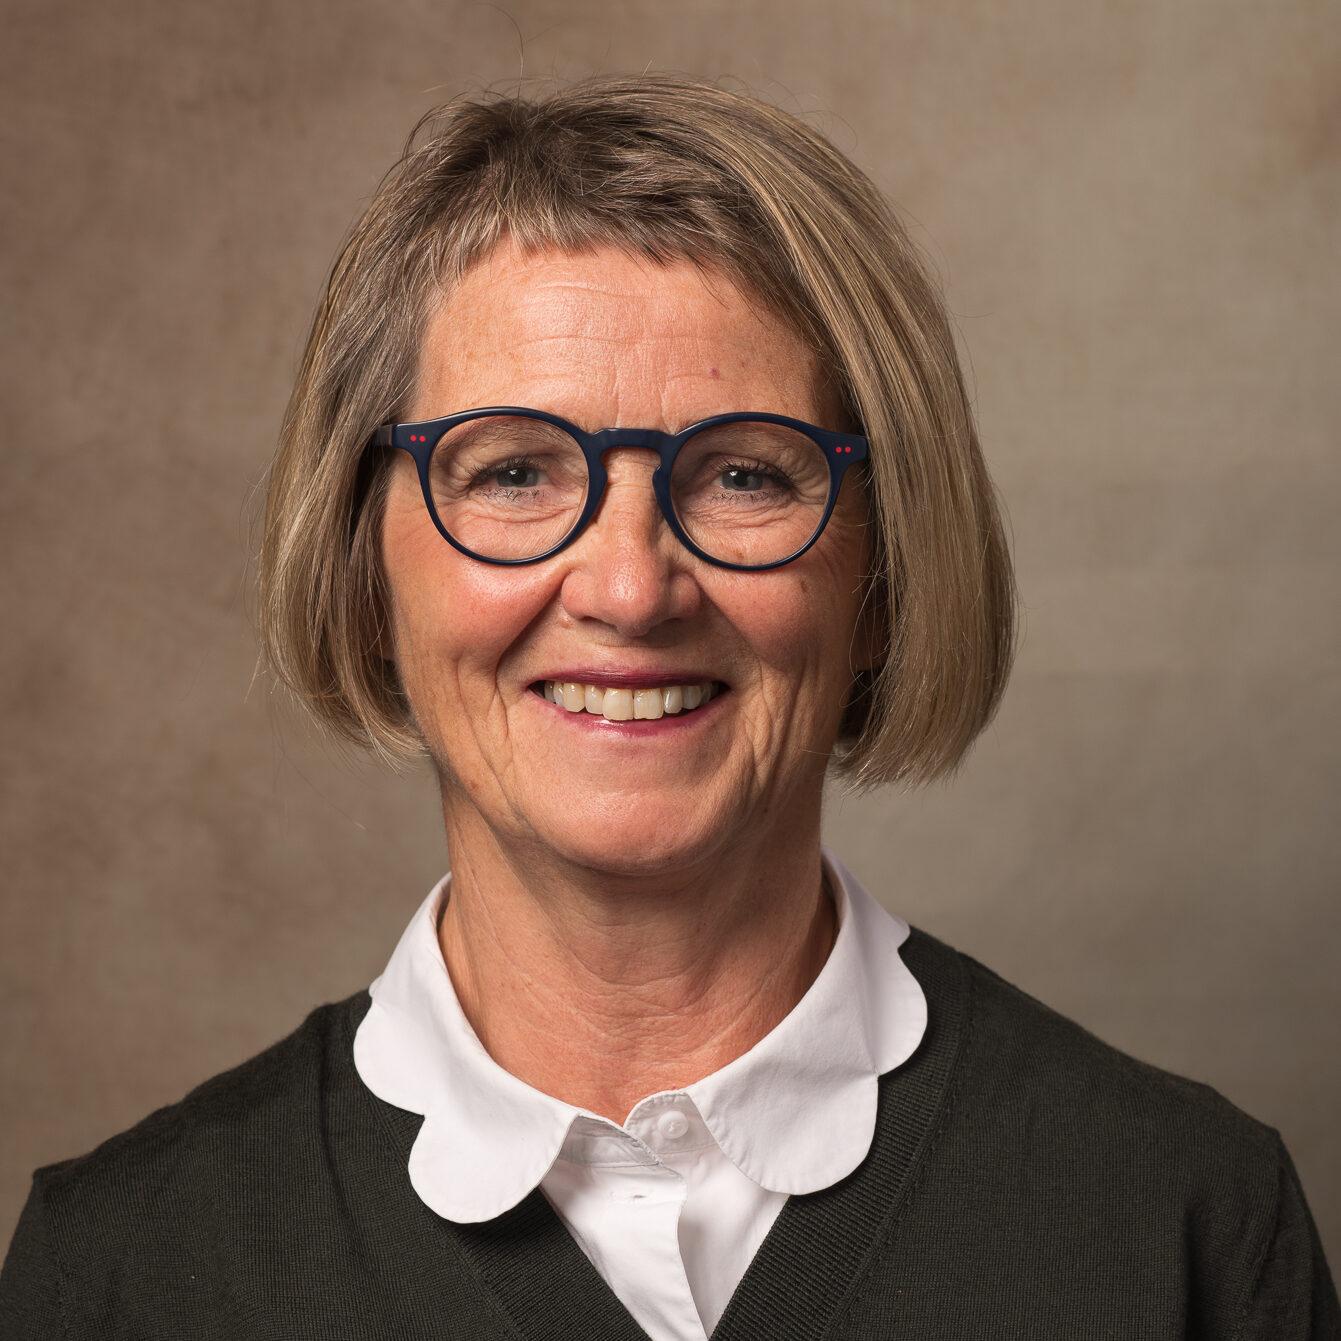 Ann-Britt Martinsson